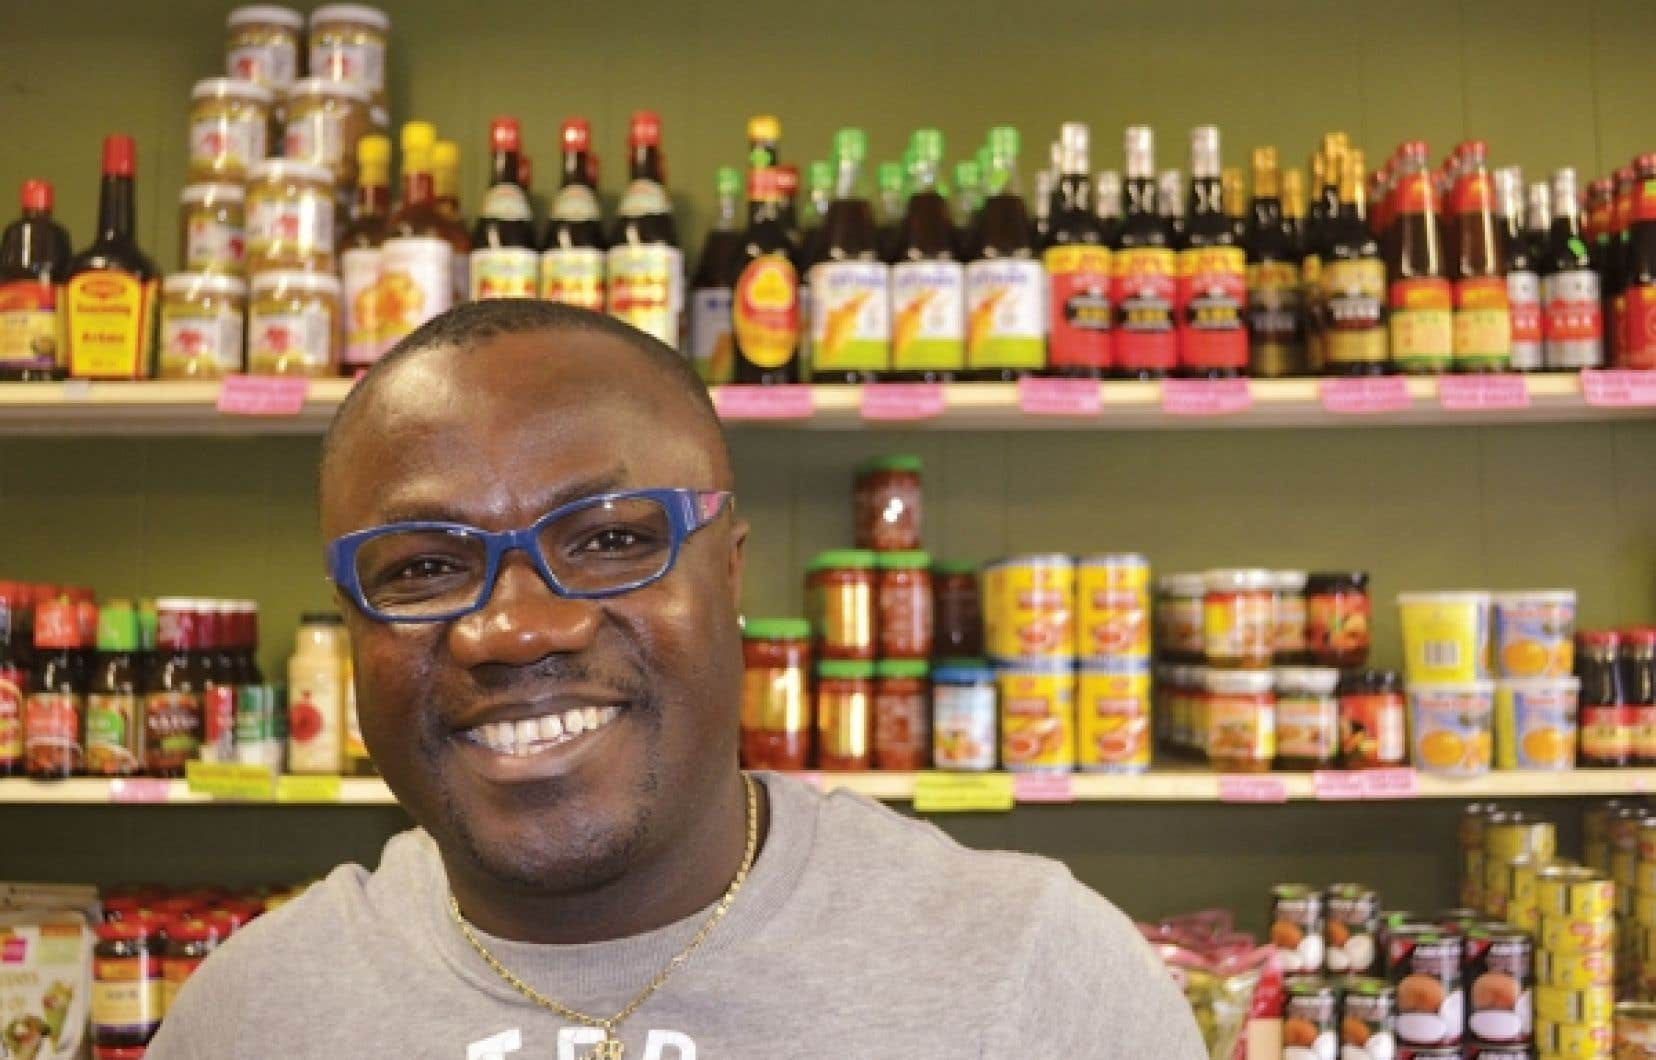 Jean-Baptiste Gouaméné, originaire de la Côte d'Ivoire, est aujourd'hui propriétaire d'une épicerie de produits exotiques à Rimouski.